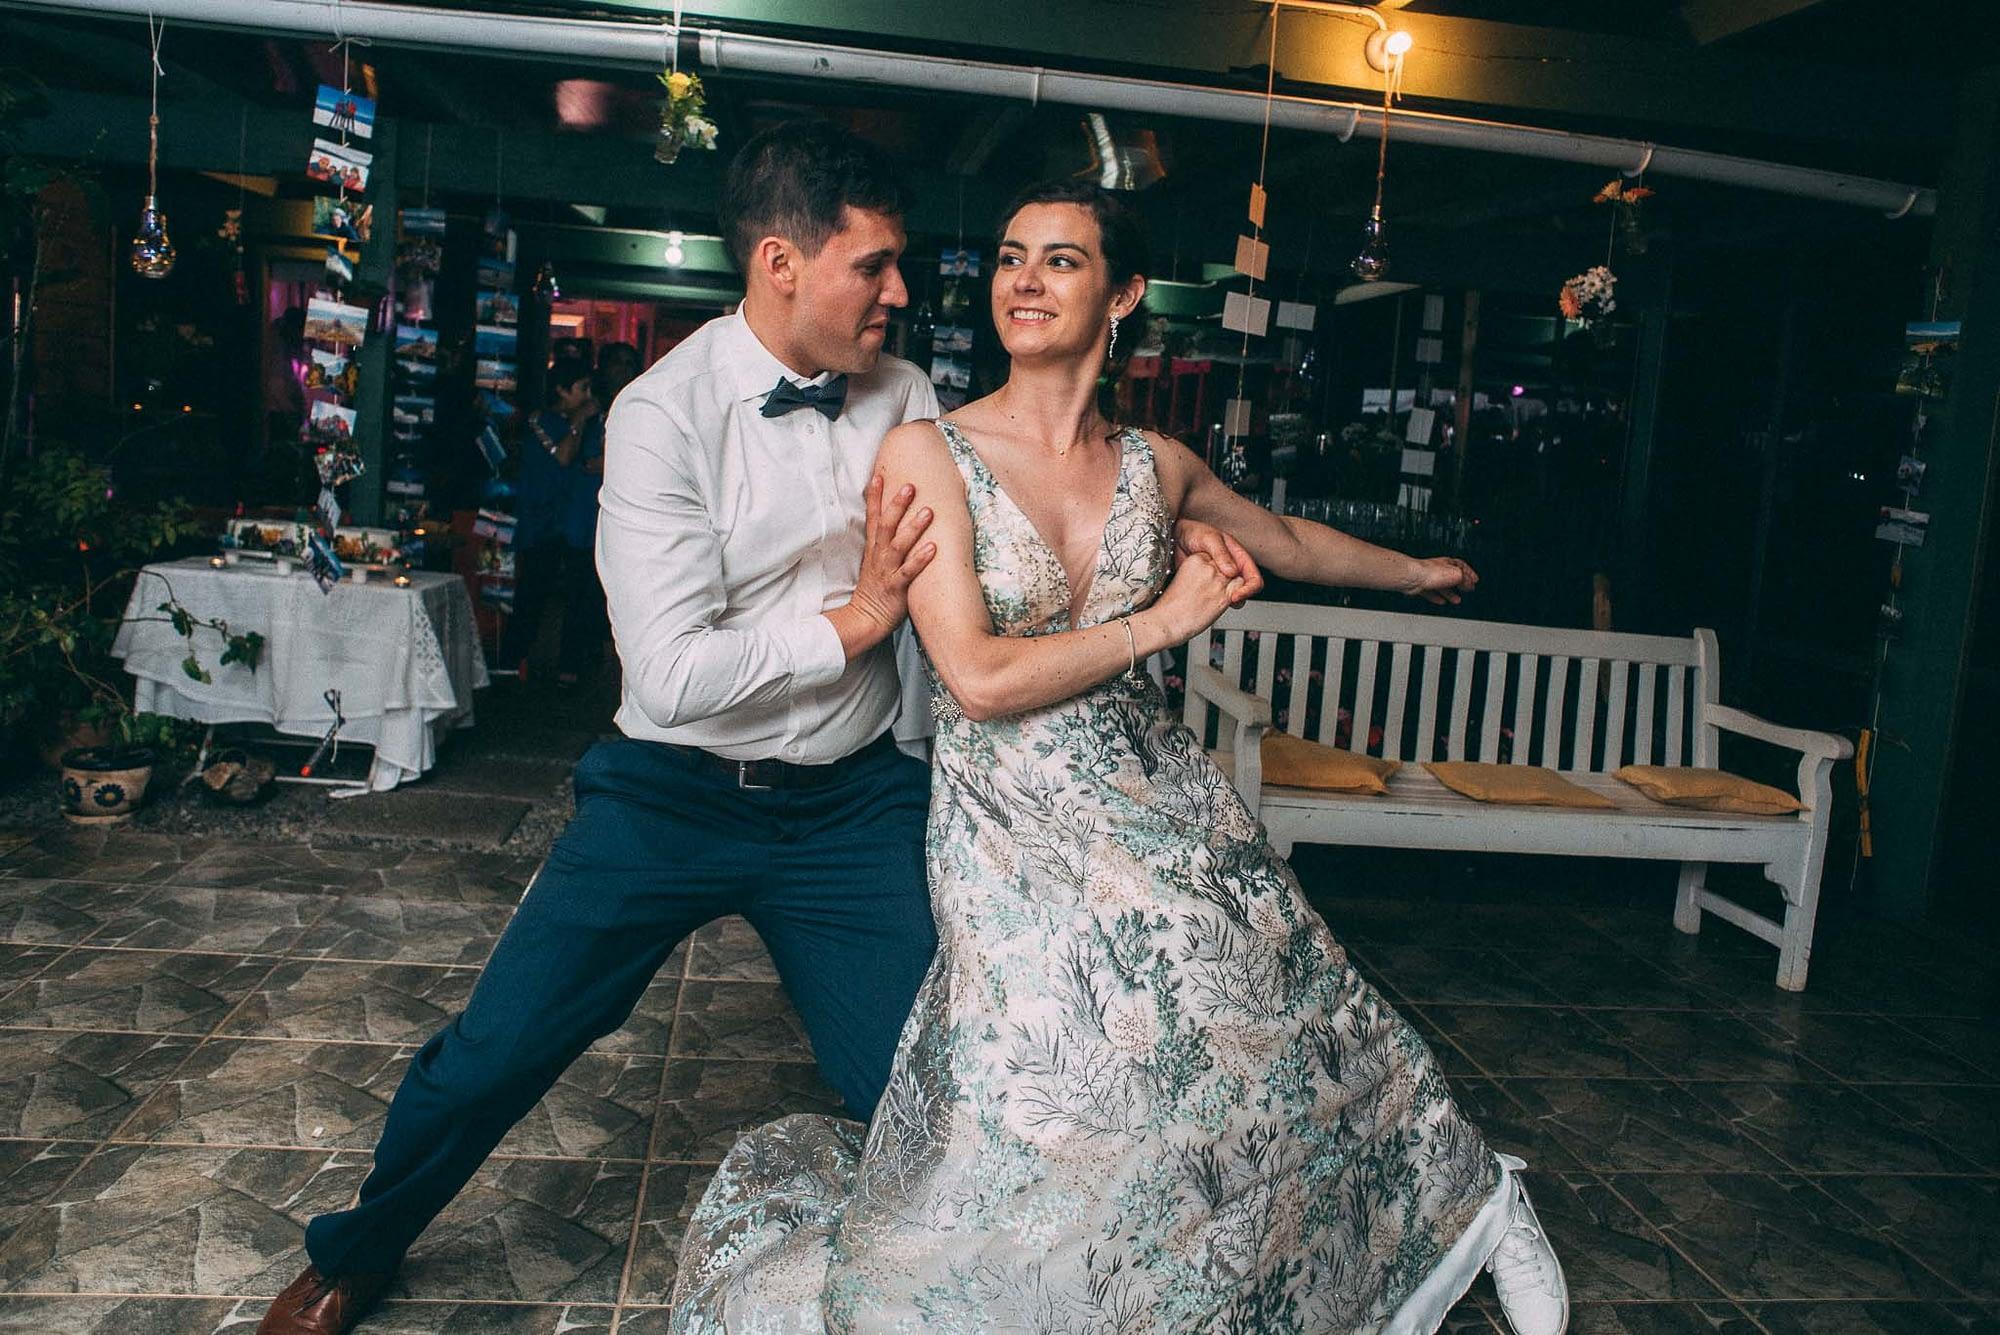 la fragua centro de eventos-purranque-decima region-llanquihue-matrimonio campestre-fotografo documental de matrimonios-cena-vals novios